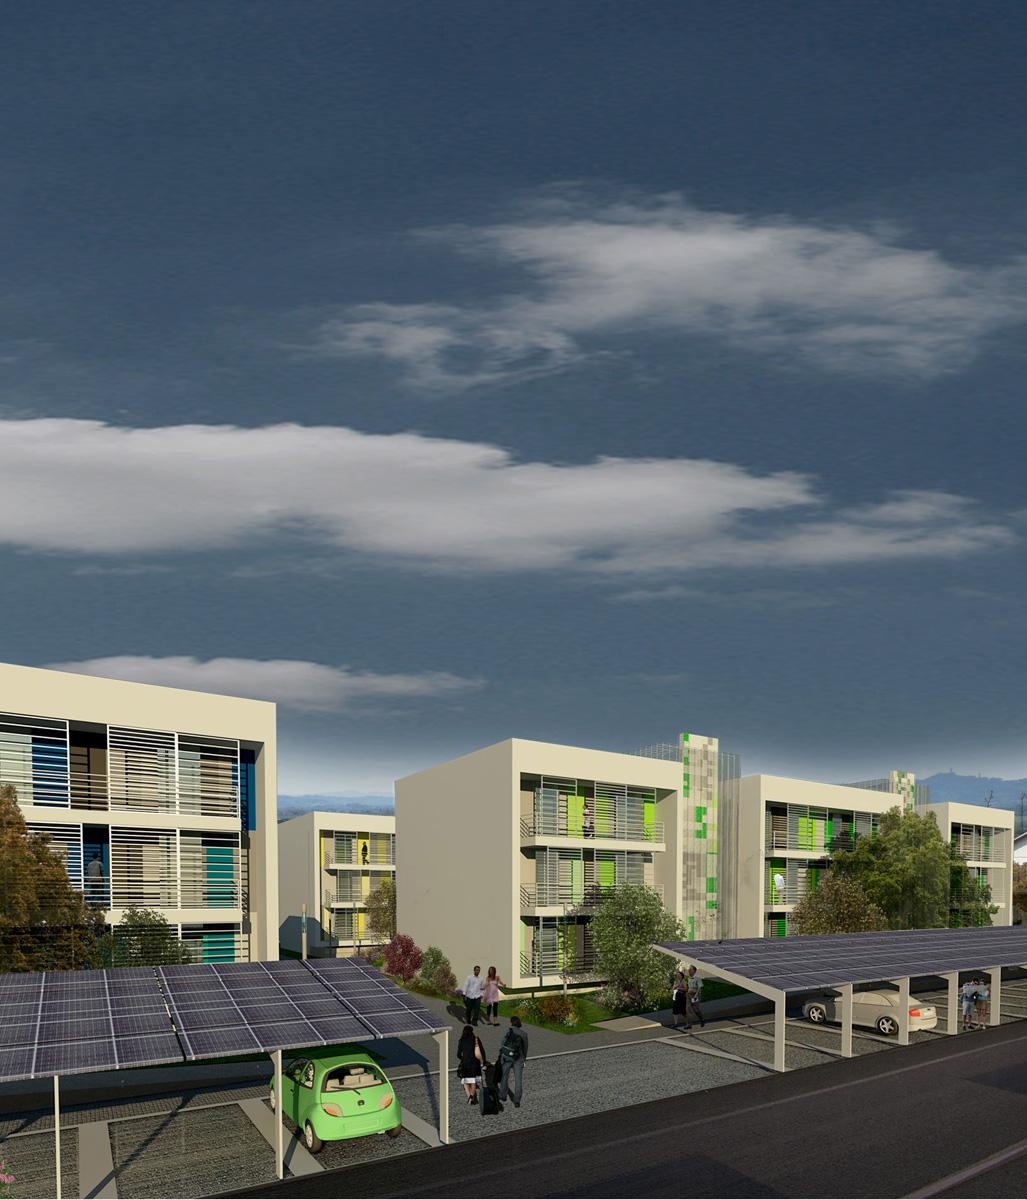 NEXT - Vista dell'intervento e delle coperture fotovoltaiche dei parcheggi - Tommaso Vecci